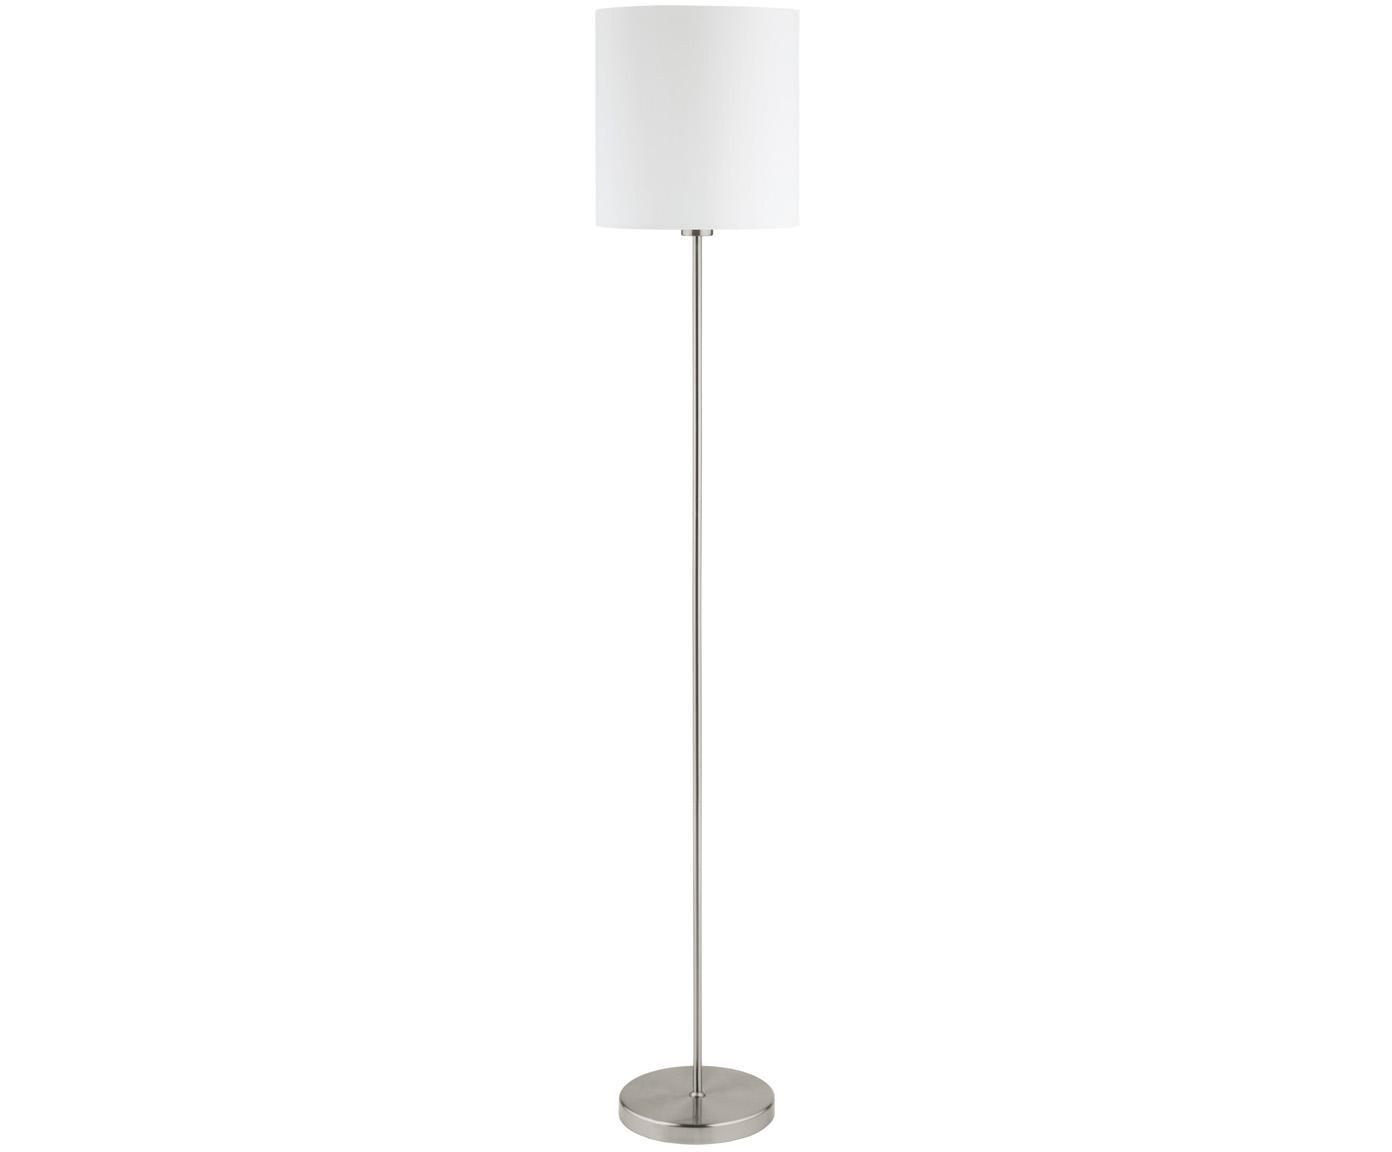 Stehlampe Harry, Lampenschirm: Textil, Weiss,Silberfarben, ∅ 28 x H 158 cm